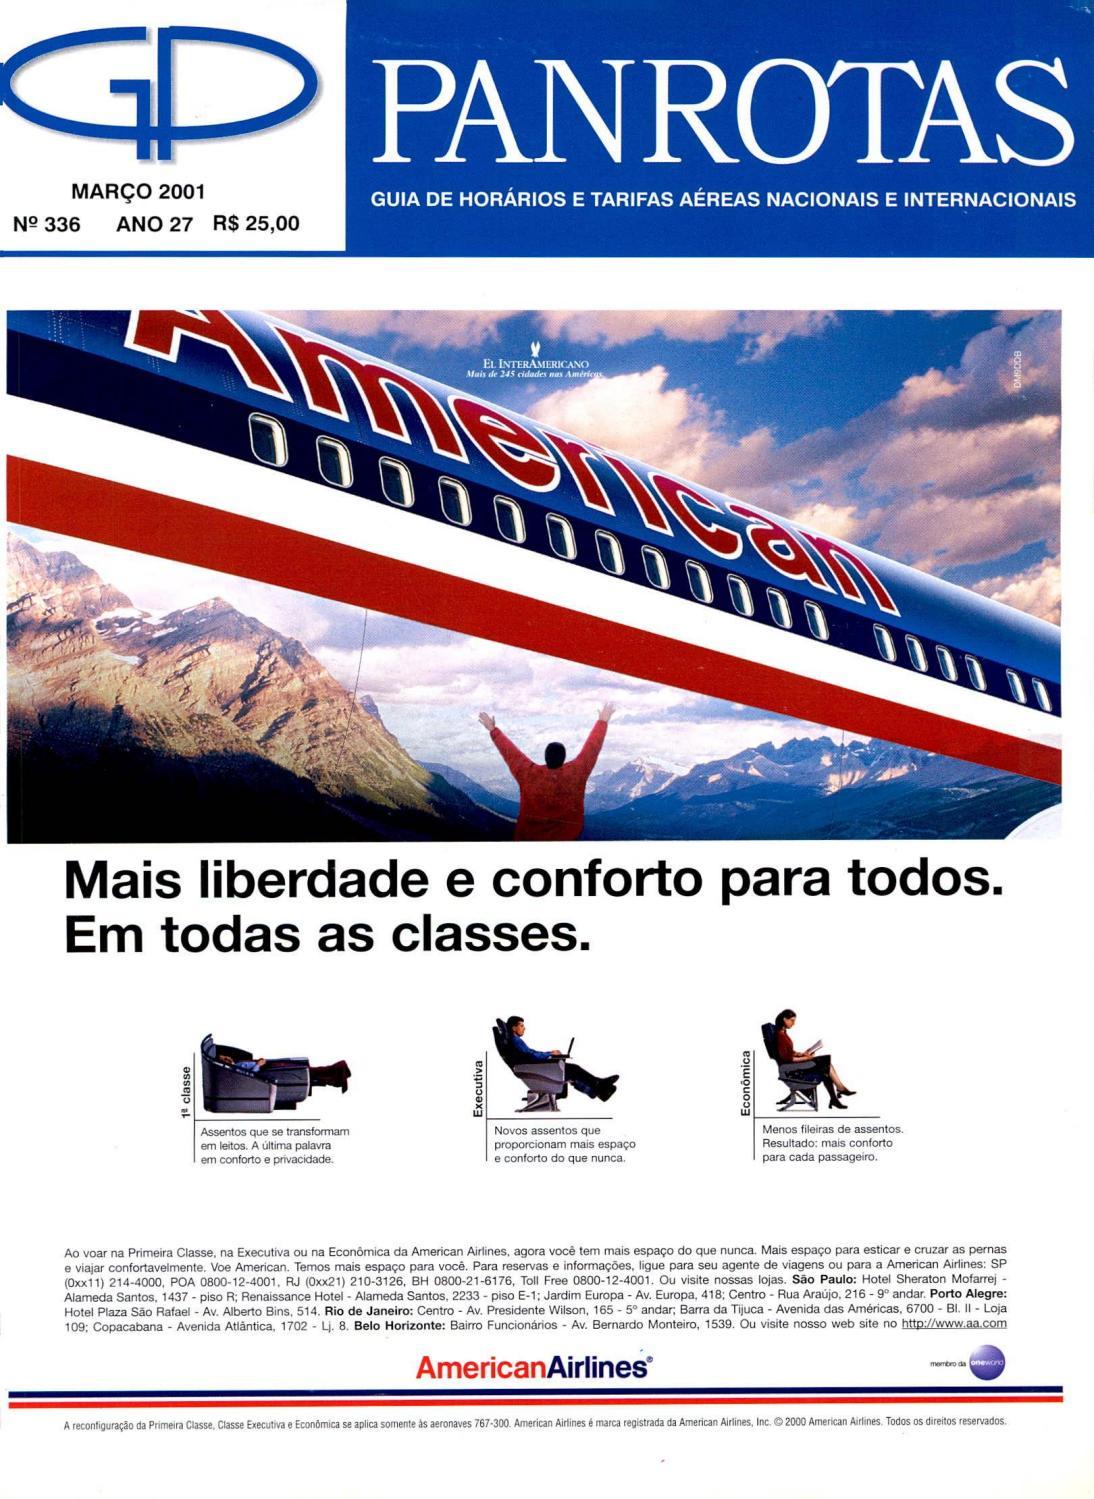 Guia Panrotas - Edição 336 - Março 2001 by PANROTAS Editora - issuu 79ed5a74142